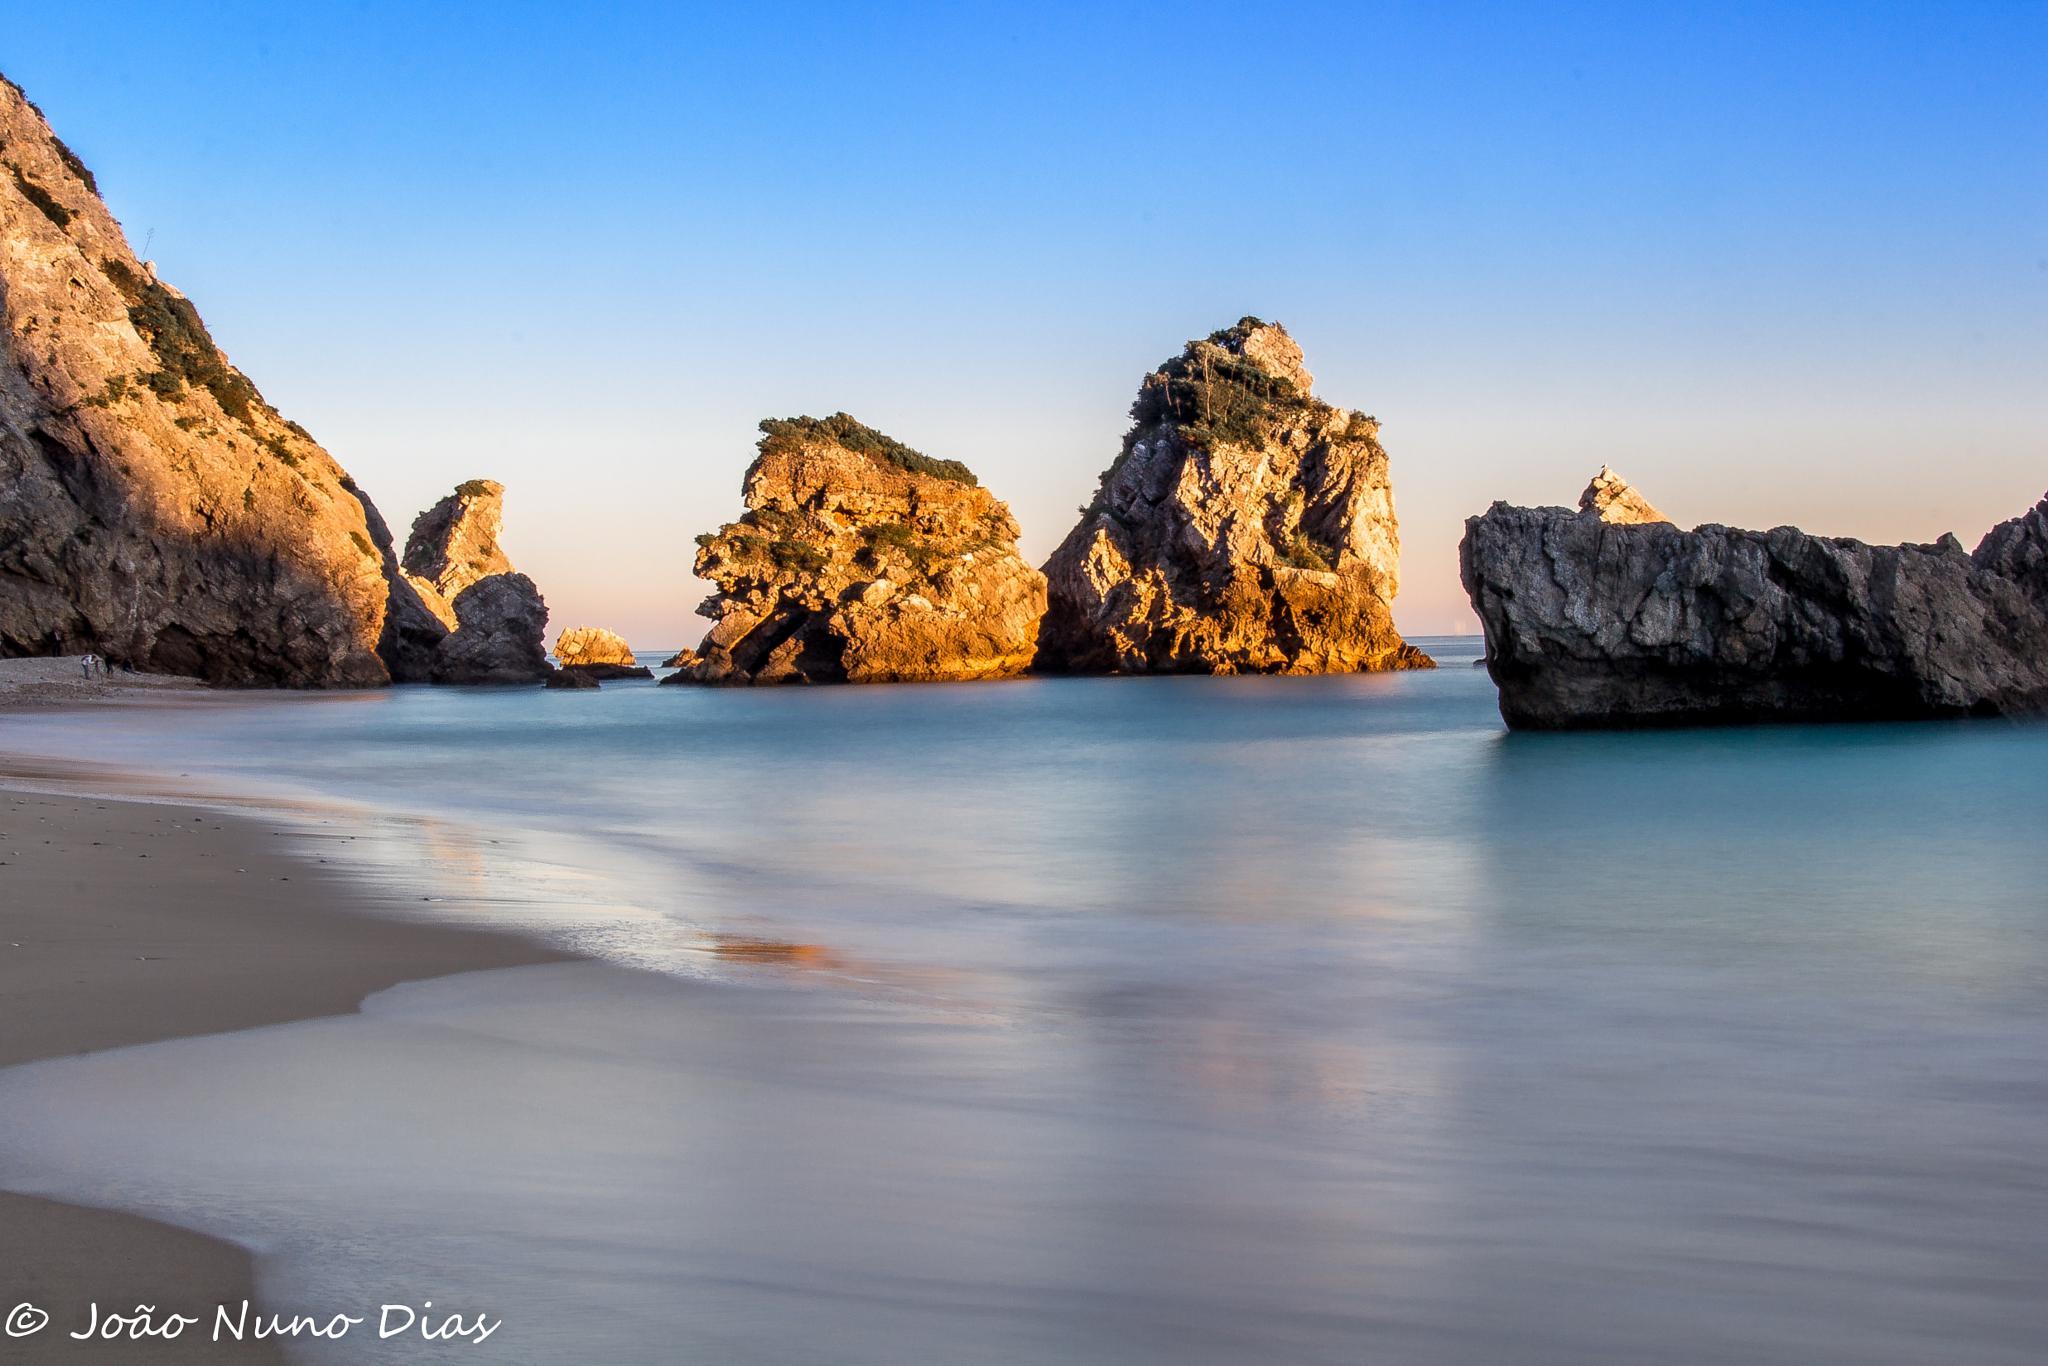 Sunset on the beach by Nuno Dias